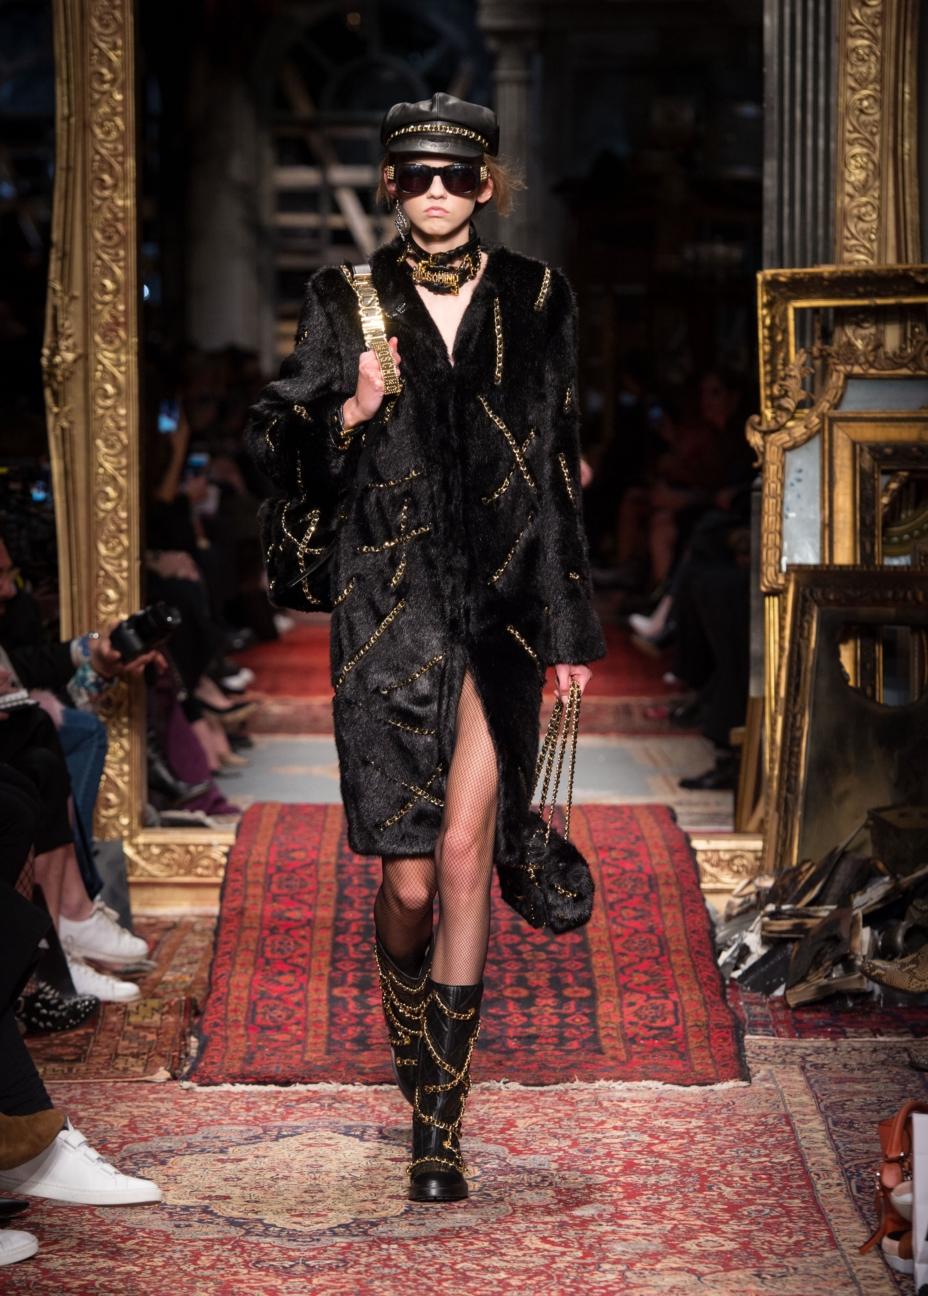 moschino-milan-fashion-week-aw-16-28